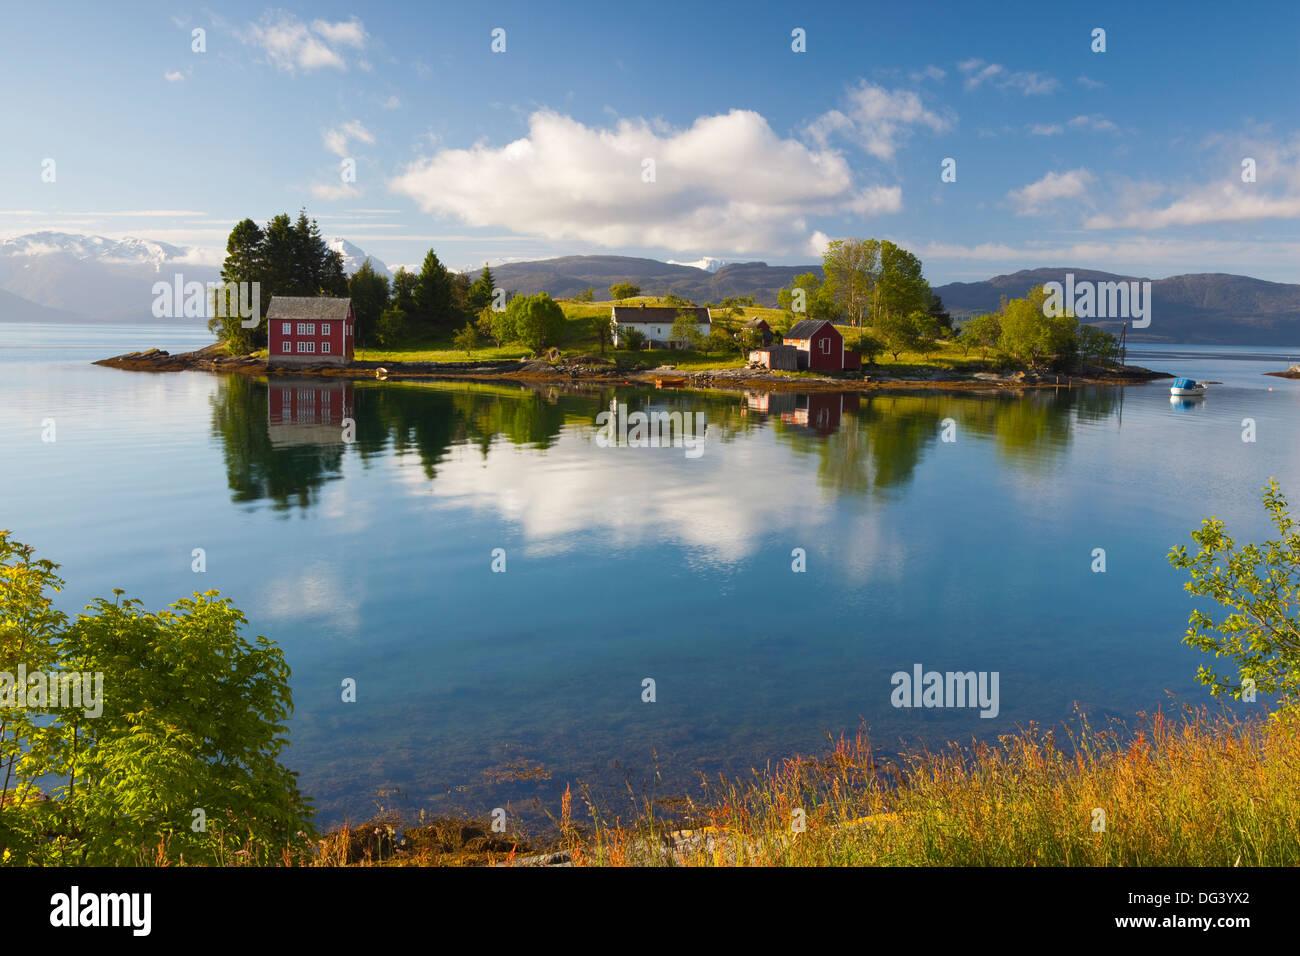 Una idílica isla rural en el fiordo Hardanger, Hordaland, Noruega, Escandinavia, Europa Imagen De Stock